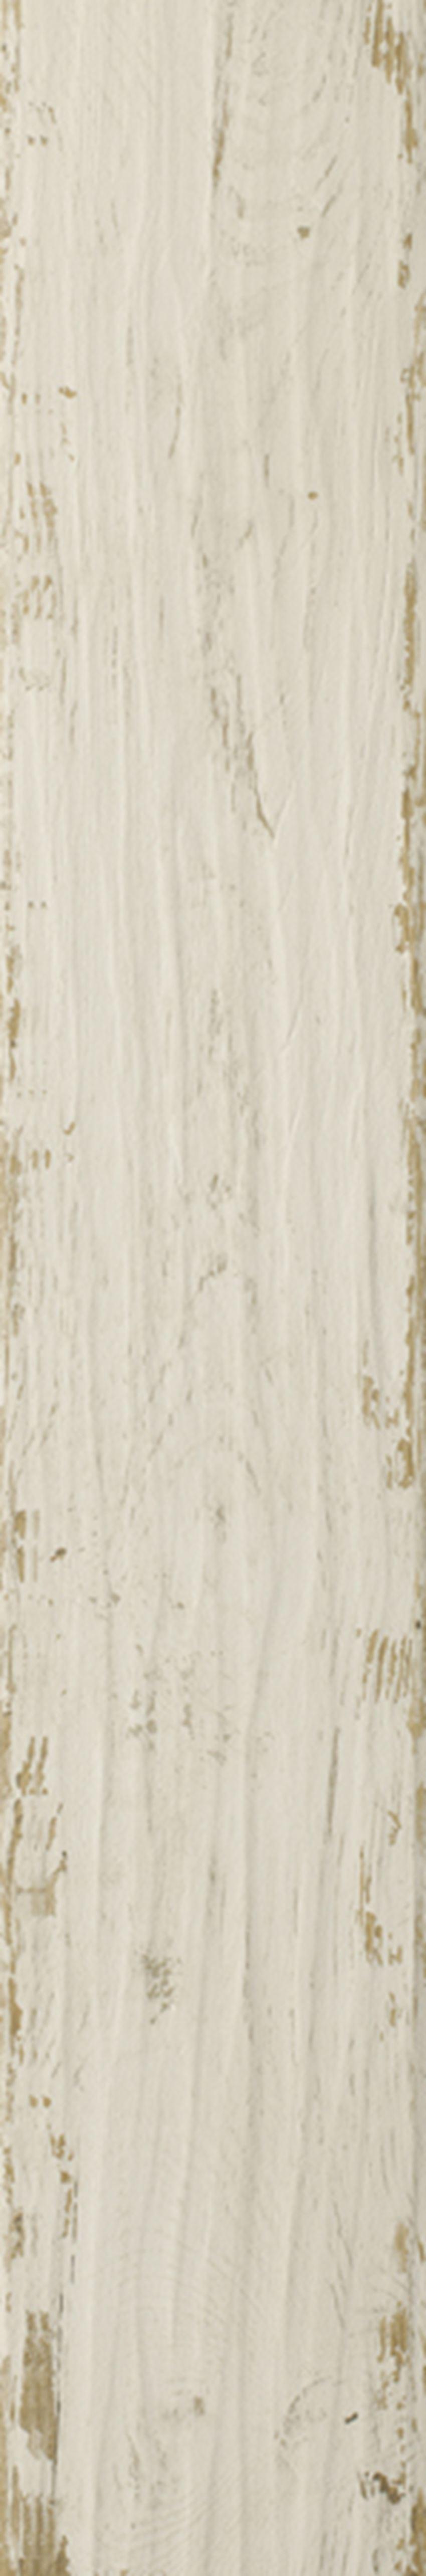 Płytka ścienno-podłogowa 19,8x119,8 cm Paradyż Herrera Bianco Gres Szkl. Rekt. Mat.